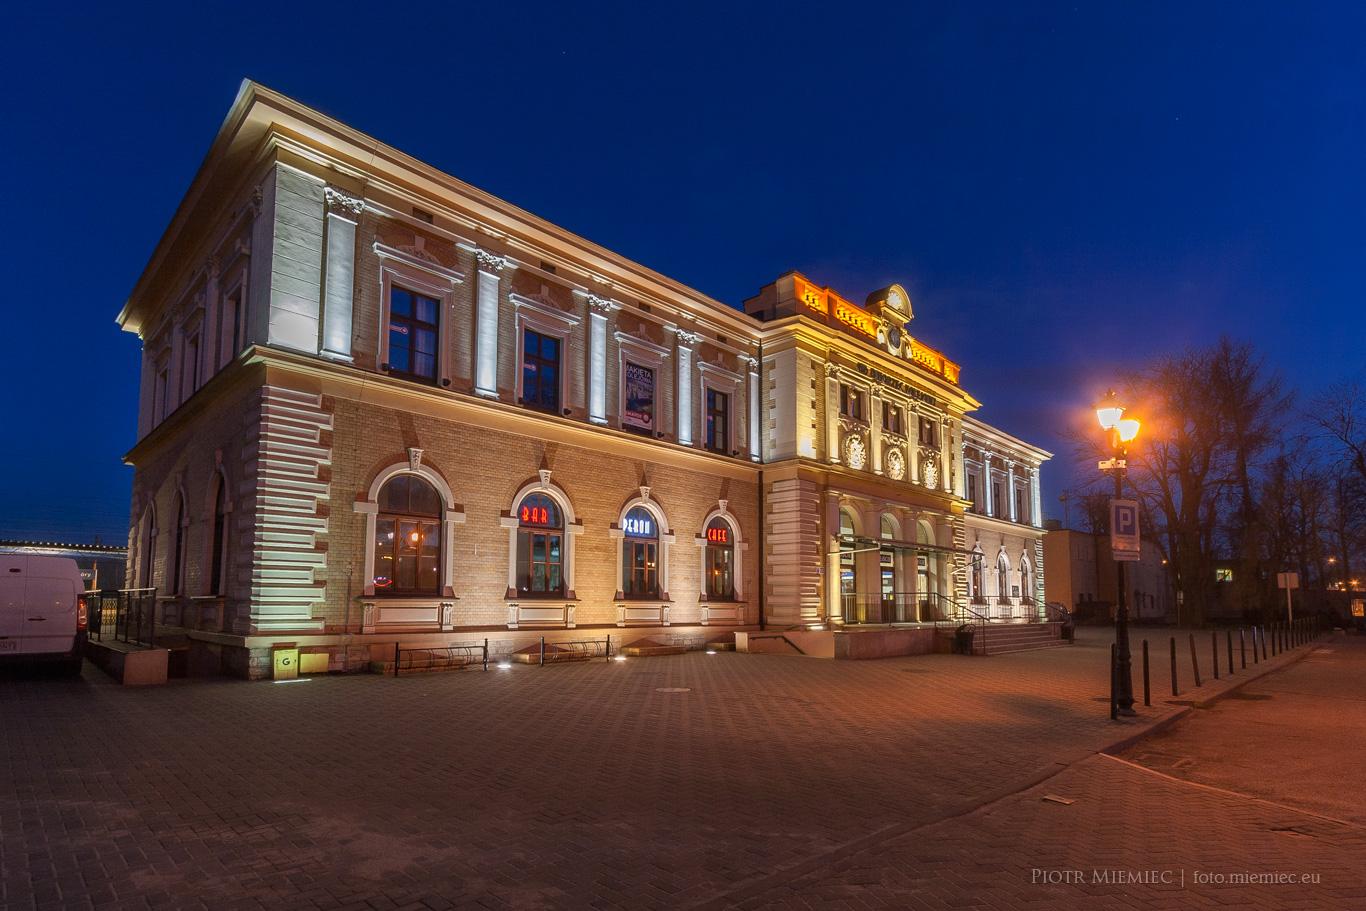 Dworzec kolejowy Tarnowskie Góry